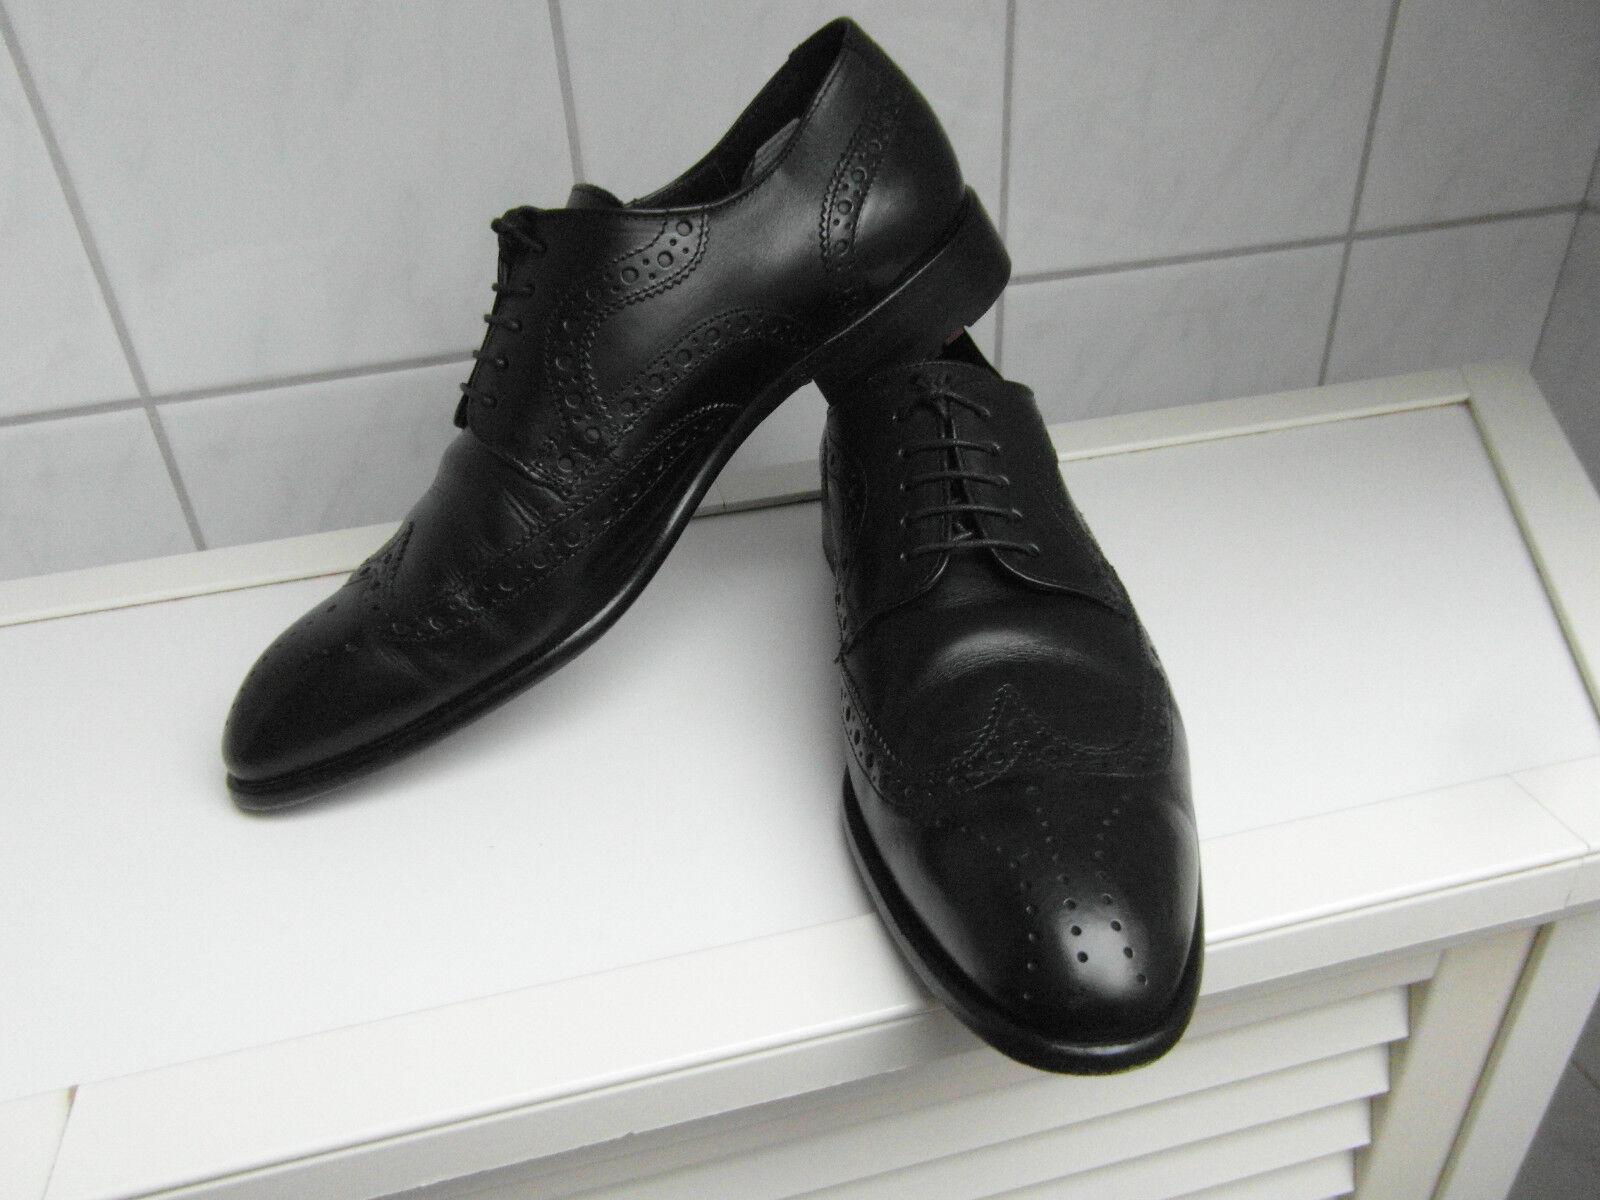 LLOYD Herren Schuhe (Ortiz) Gr. 42 w. Neu